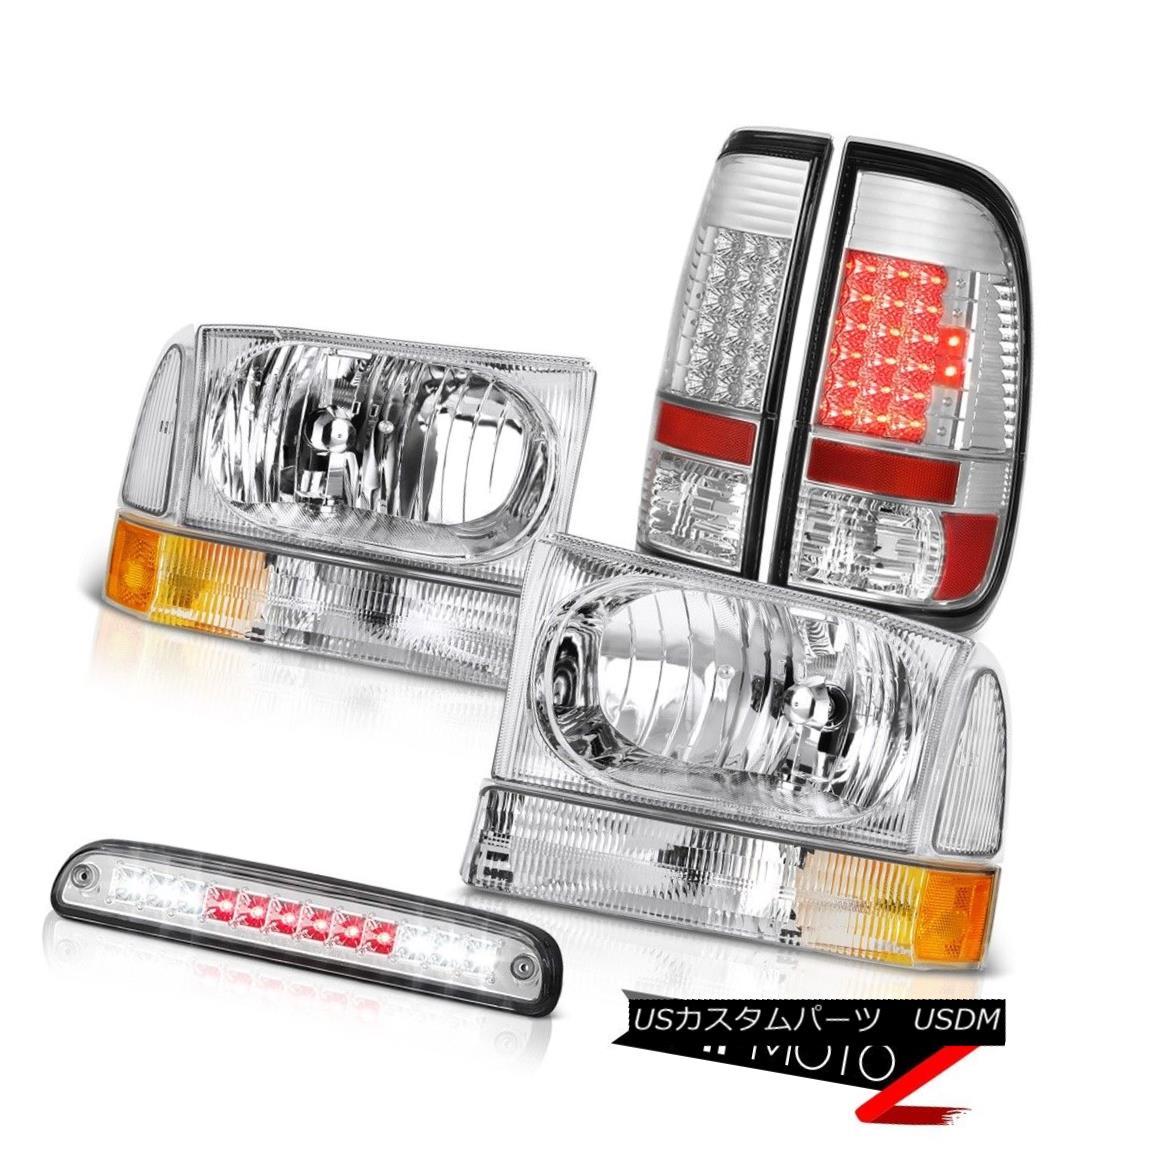 ヘッドライト 99 00 01 02 03 04 F350 6.0L Pair Headlights SMD Tail Lights Roof Stop LED Clear 99 00 01 02 03 04 F350 6.0LペアヘッドライトSMDテールライトルーフストップLEDクリア